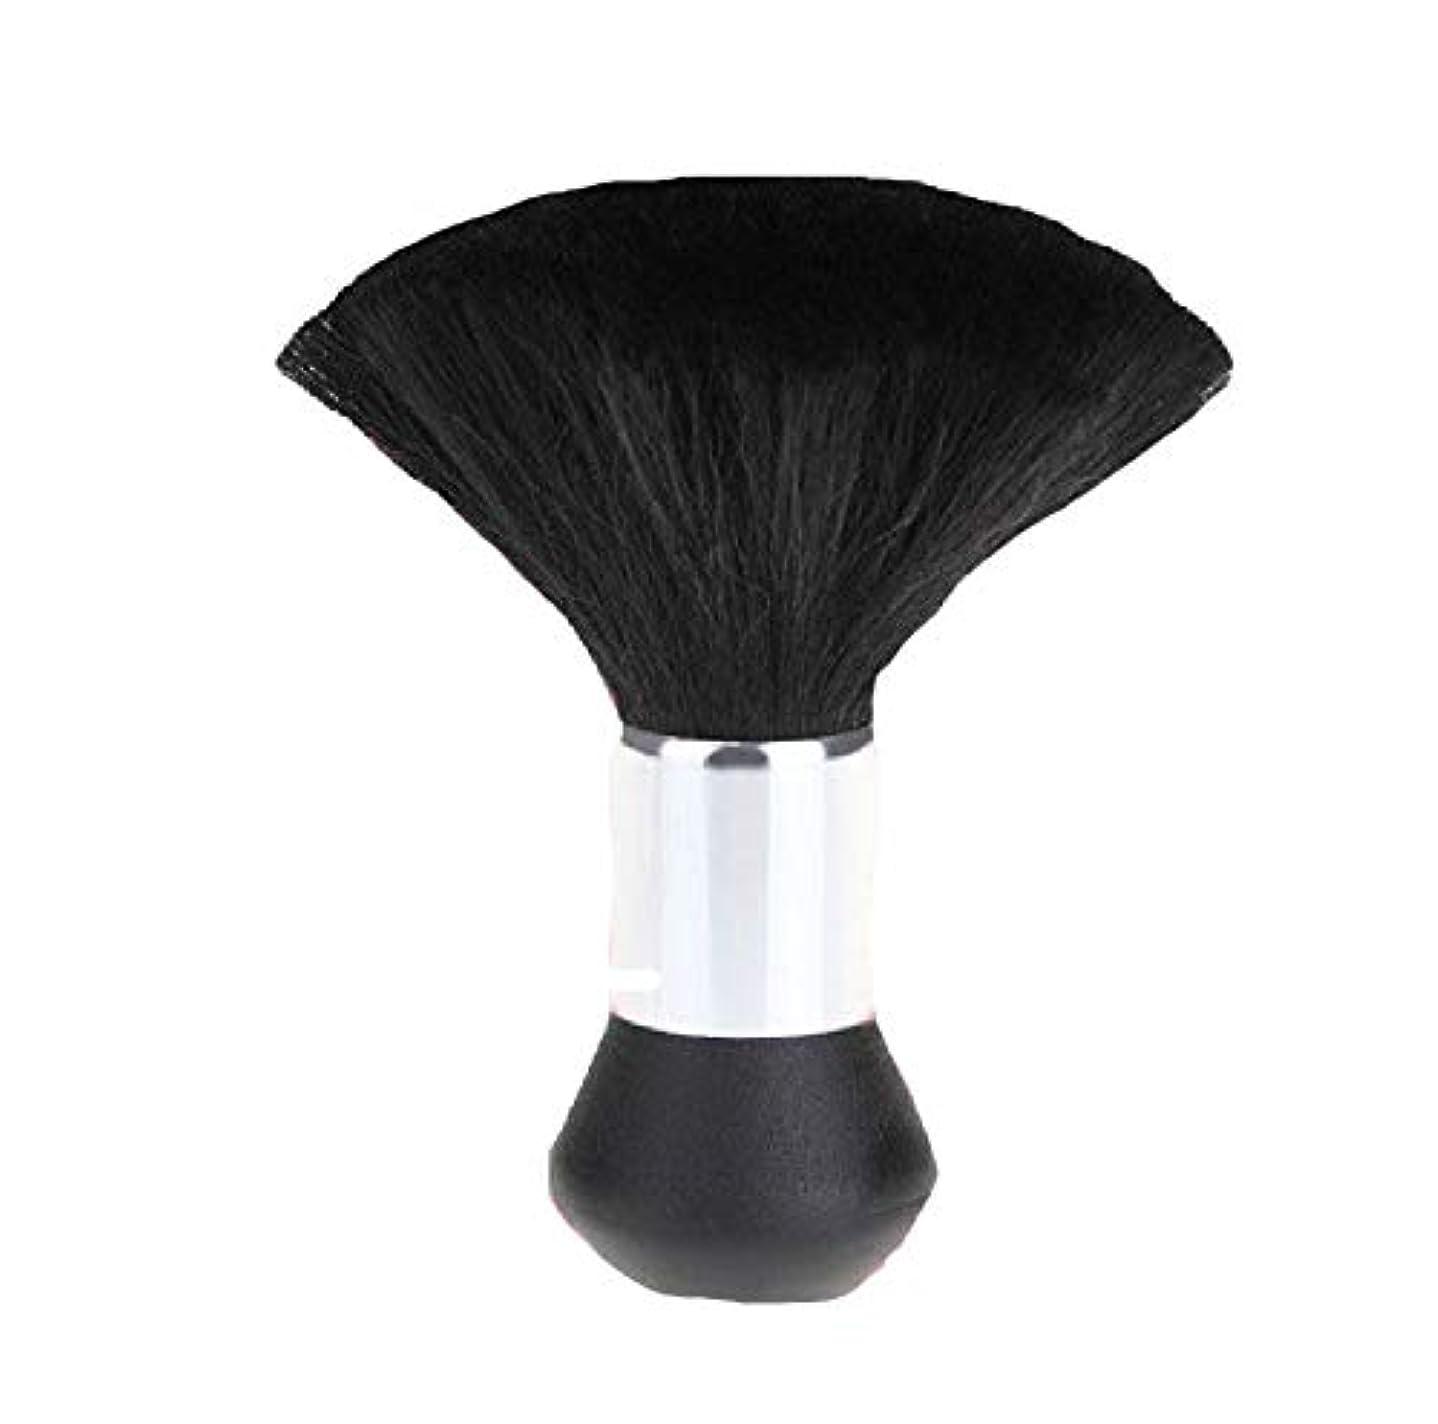 ひらめき洗剤スマッシュソフトメイクブラシ掃除道具プロのヘアブラシブラッシングブラシがけヘアブラシソフトヘアブラシ美容ツール